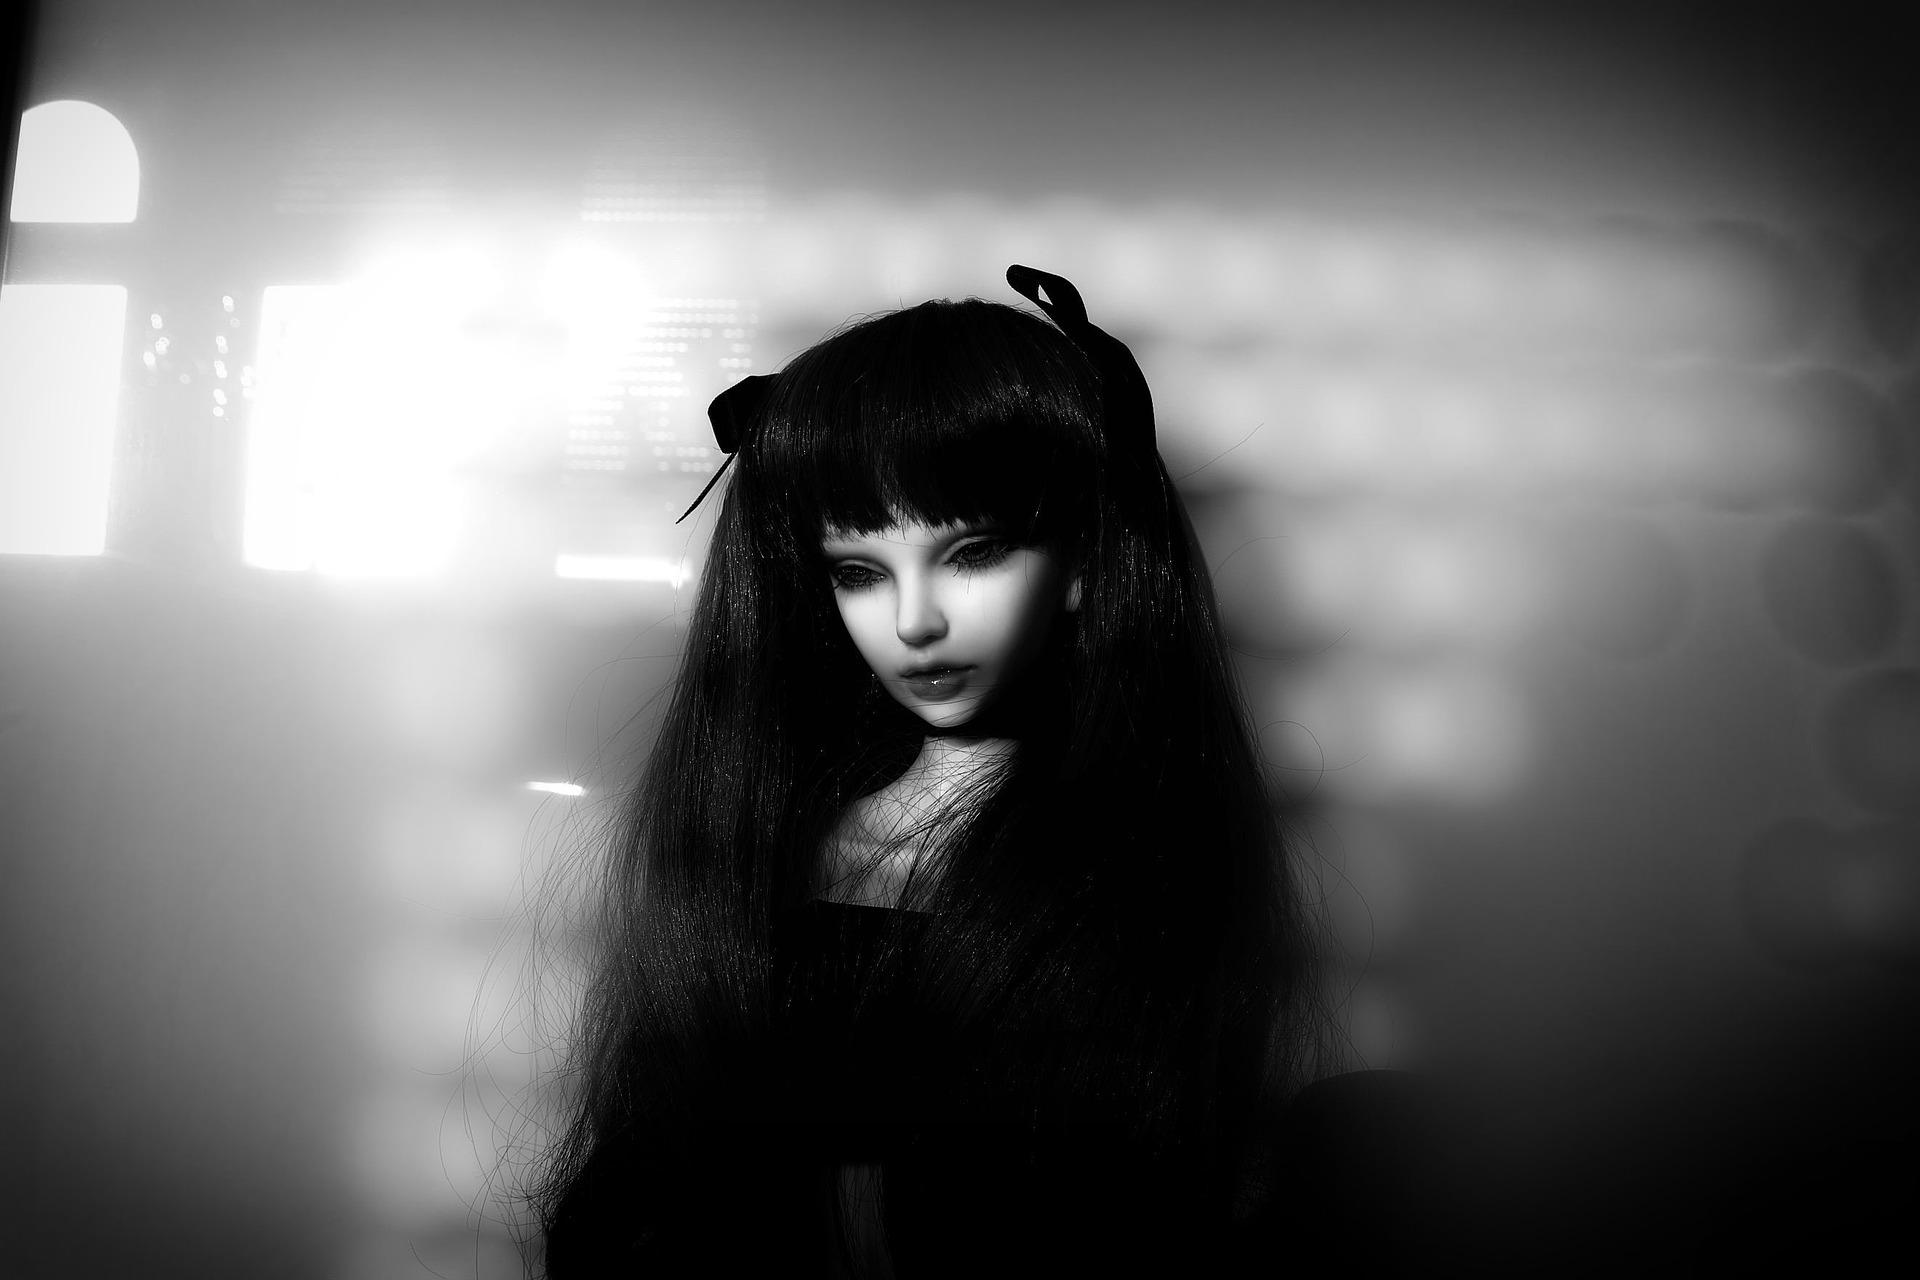 doll-1083818_1920